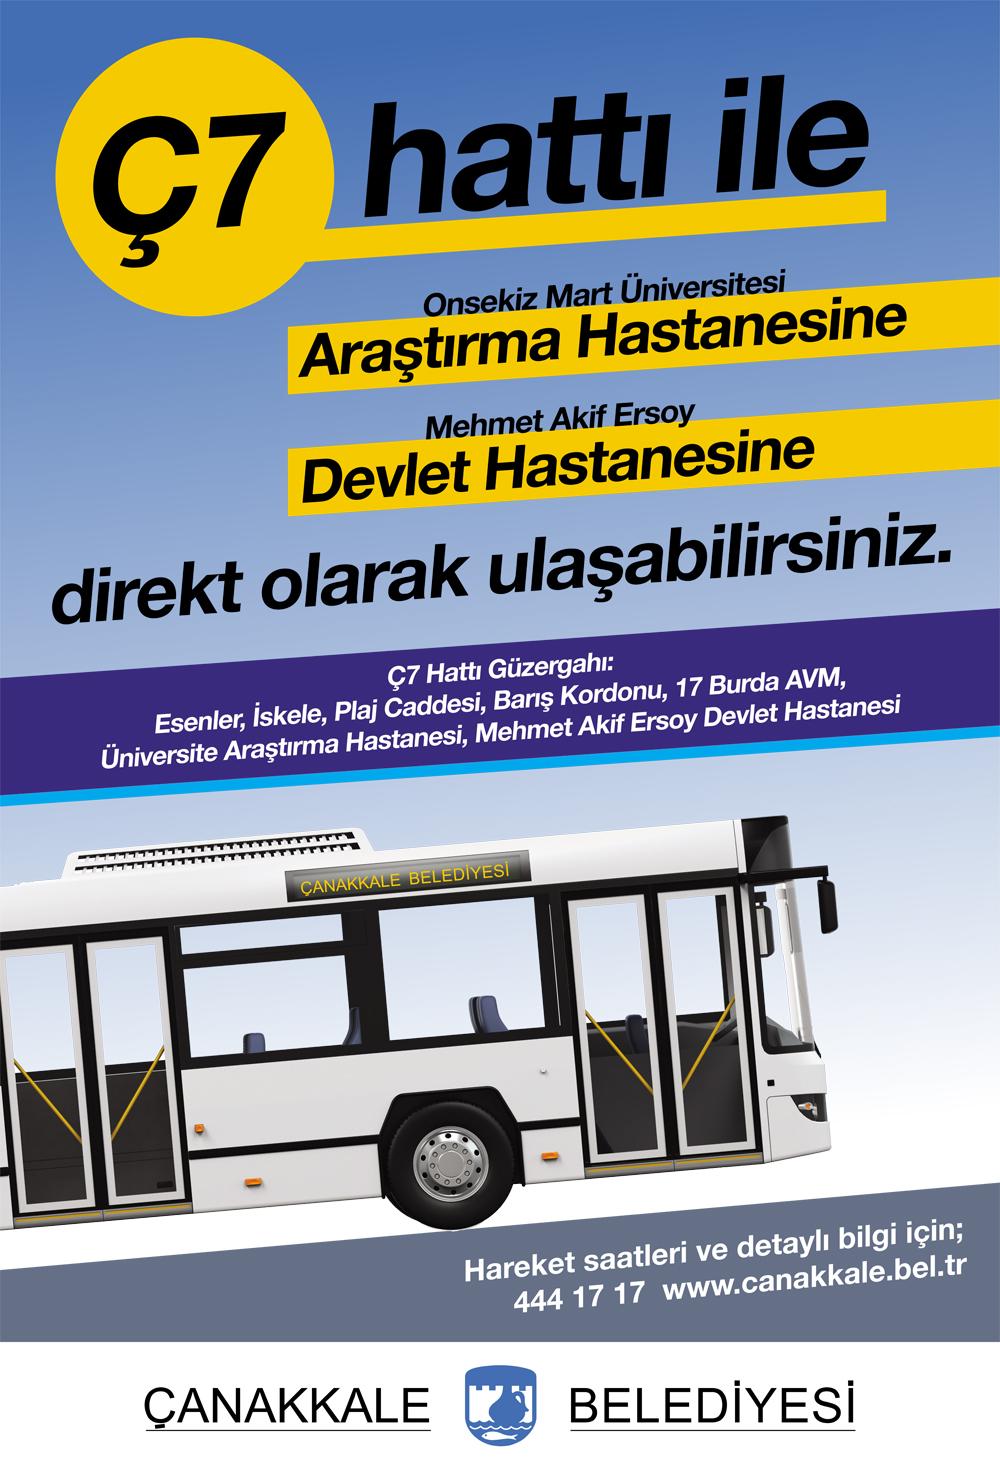 Kent İçi Toplu Ulaşım Sistemi, Kent İhtiyaçları Doğrultusunda Şekilleniyor…